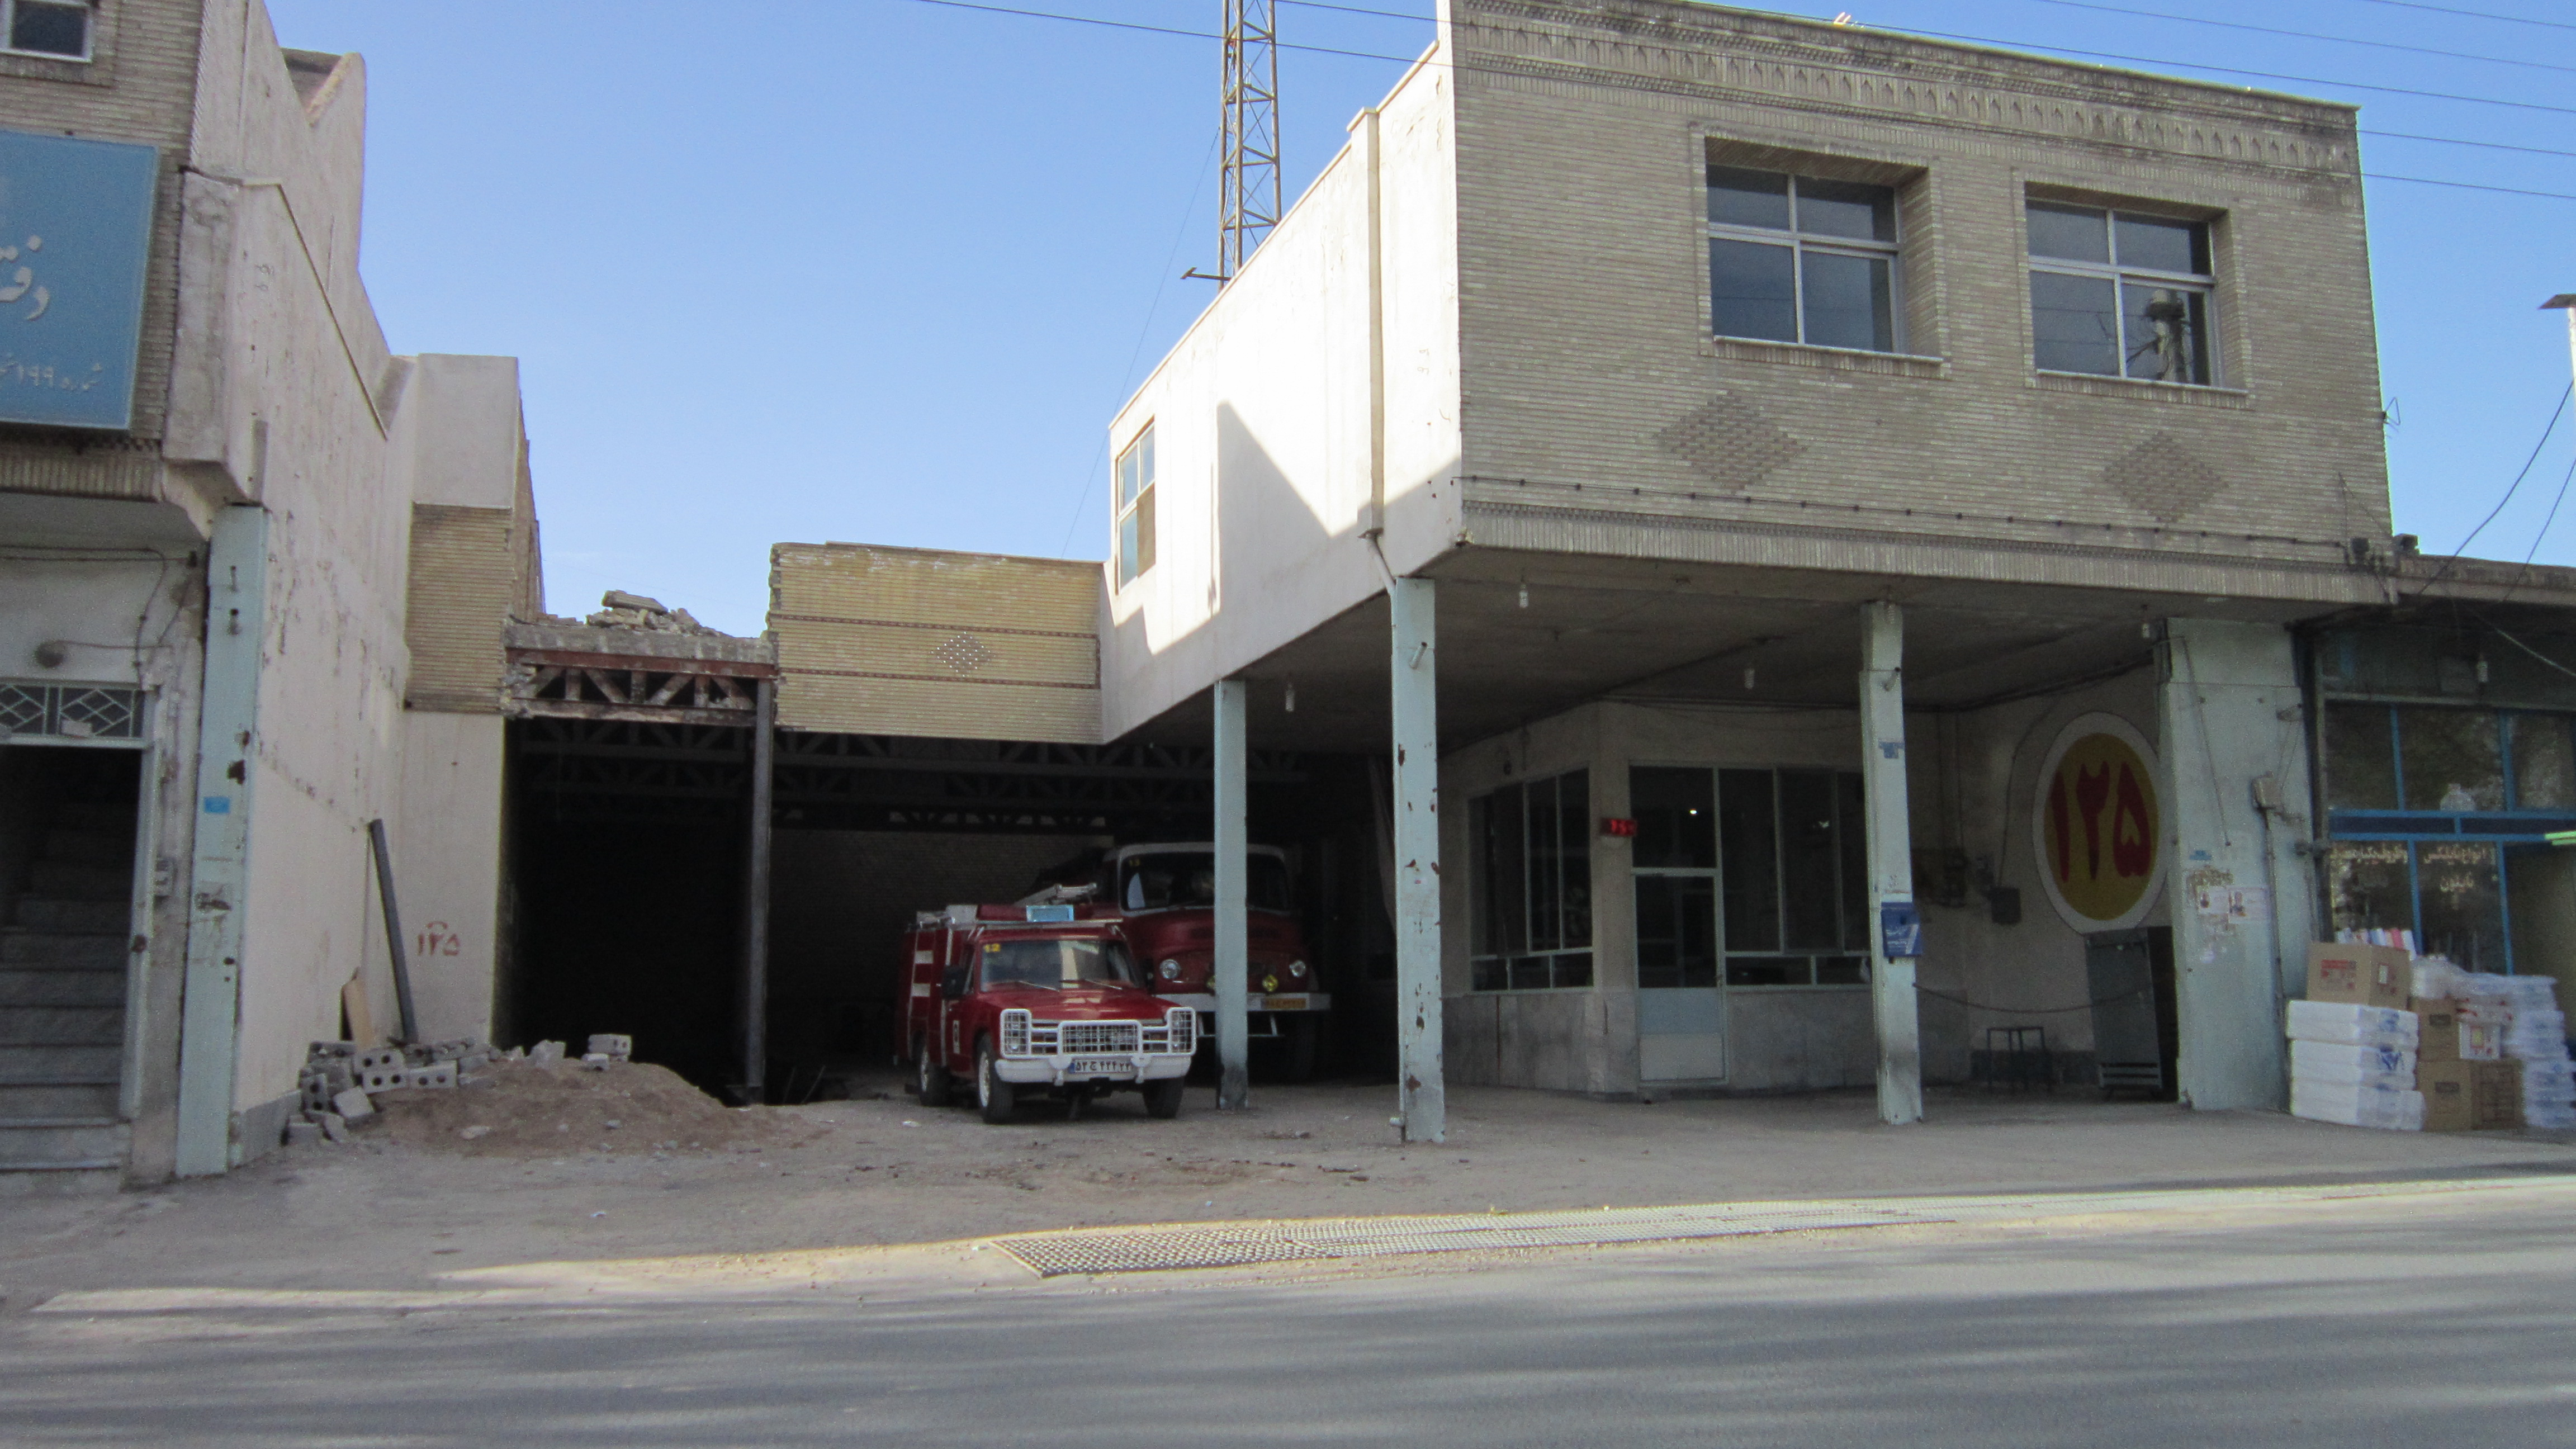 فروش بخشی از ساختمان آتش نشانی توسط شهرداری و شورای شهر نجف آباد